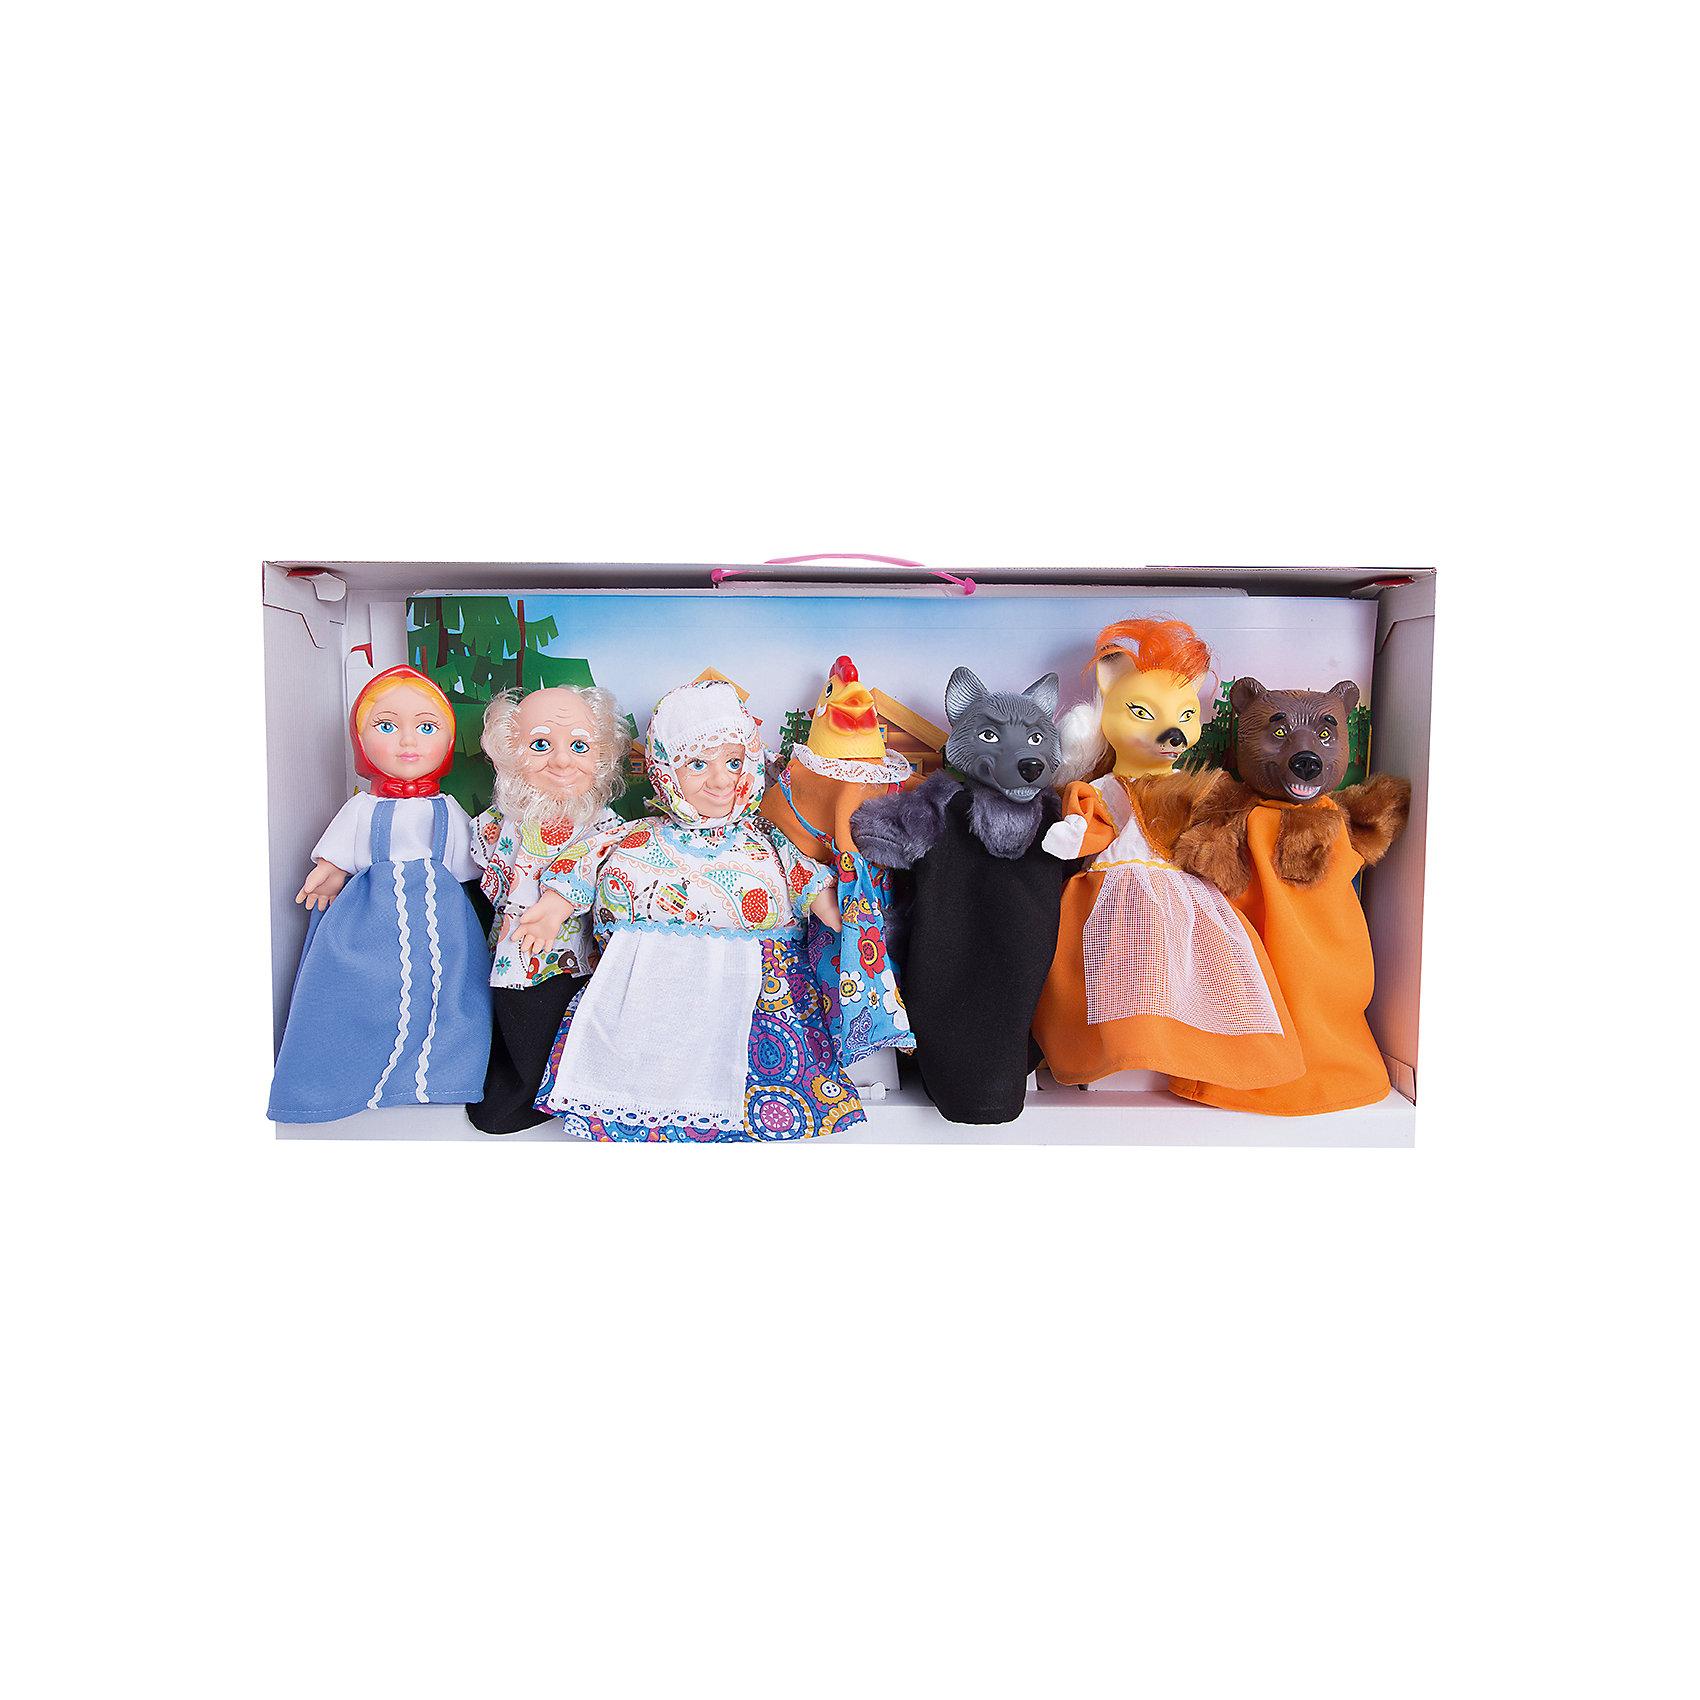 Набор Кукольный театр, 7 персонажей, ВеснаНаборы кукол<br>Этот набор перчаточных кукол от отечественного производителя способен не просто помочь ребенку весело проводить время, но и научить его многим навыкам. Комплект состоит из семи кукол в виде самых популярных персонажей из русских сказок (Дед, Бабка, Аленушка, Волк, Лиса, Медведь, Курочка) с их помощью можно ставить как известные сказки так и придумывать свои!<br>Также в наборе есть реквизит для спектаклей: сцена, сменные декорации, сценарий и т.д. Сделаны игрушки из качественных и безопасных для ребенка материалов. Набор поможет ребенку тренировать моторику и координацию движений, а также будет  развивать воображение. <br><br>Дополнительная информация:<br><br>- материал: пластик, текстиль;<br>- комплектация: 7 фигур, реквизит, сцена, декорации, сценарий;<br>- цвет: разноцветный;<br>- упаковка: коробка.<br><br>Набор Кукольный театр, 7 персонажей, от марки Весна можно купить в нашем магазине.<br><br>Ширина мм: 380<br>Глубина мм: 120<br>Высота мм: 750<br>Вес г: 3100<br>Возраст от месяцев: 36<br>Возраст до месяцев: 1188<br>Пол: Женский<br>Возраст: Детский<br>SKU: 4701855